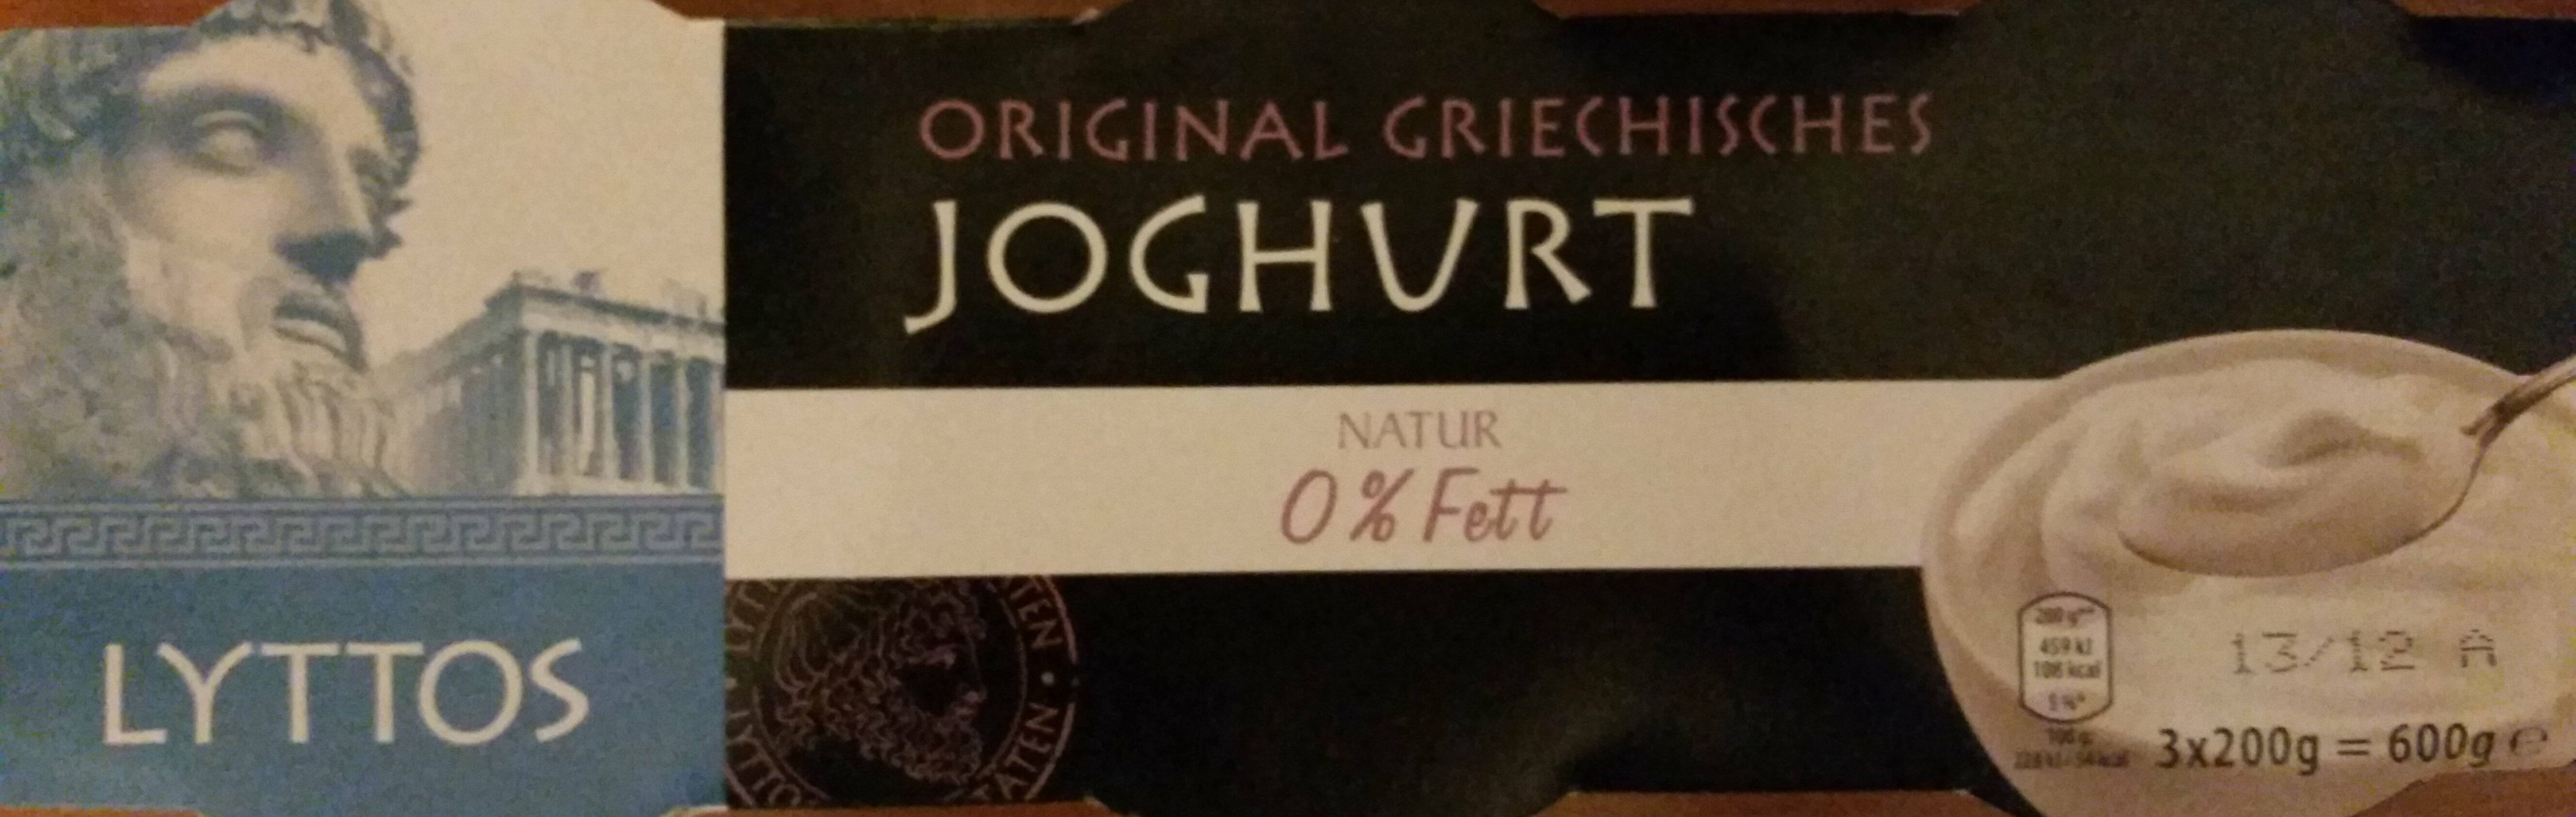 Original Griechisches Joghurt Natur 0% Fett - Produit - de